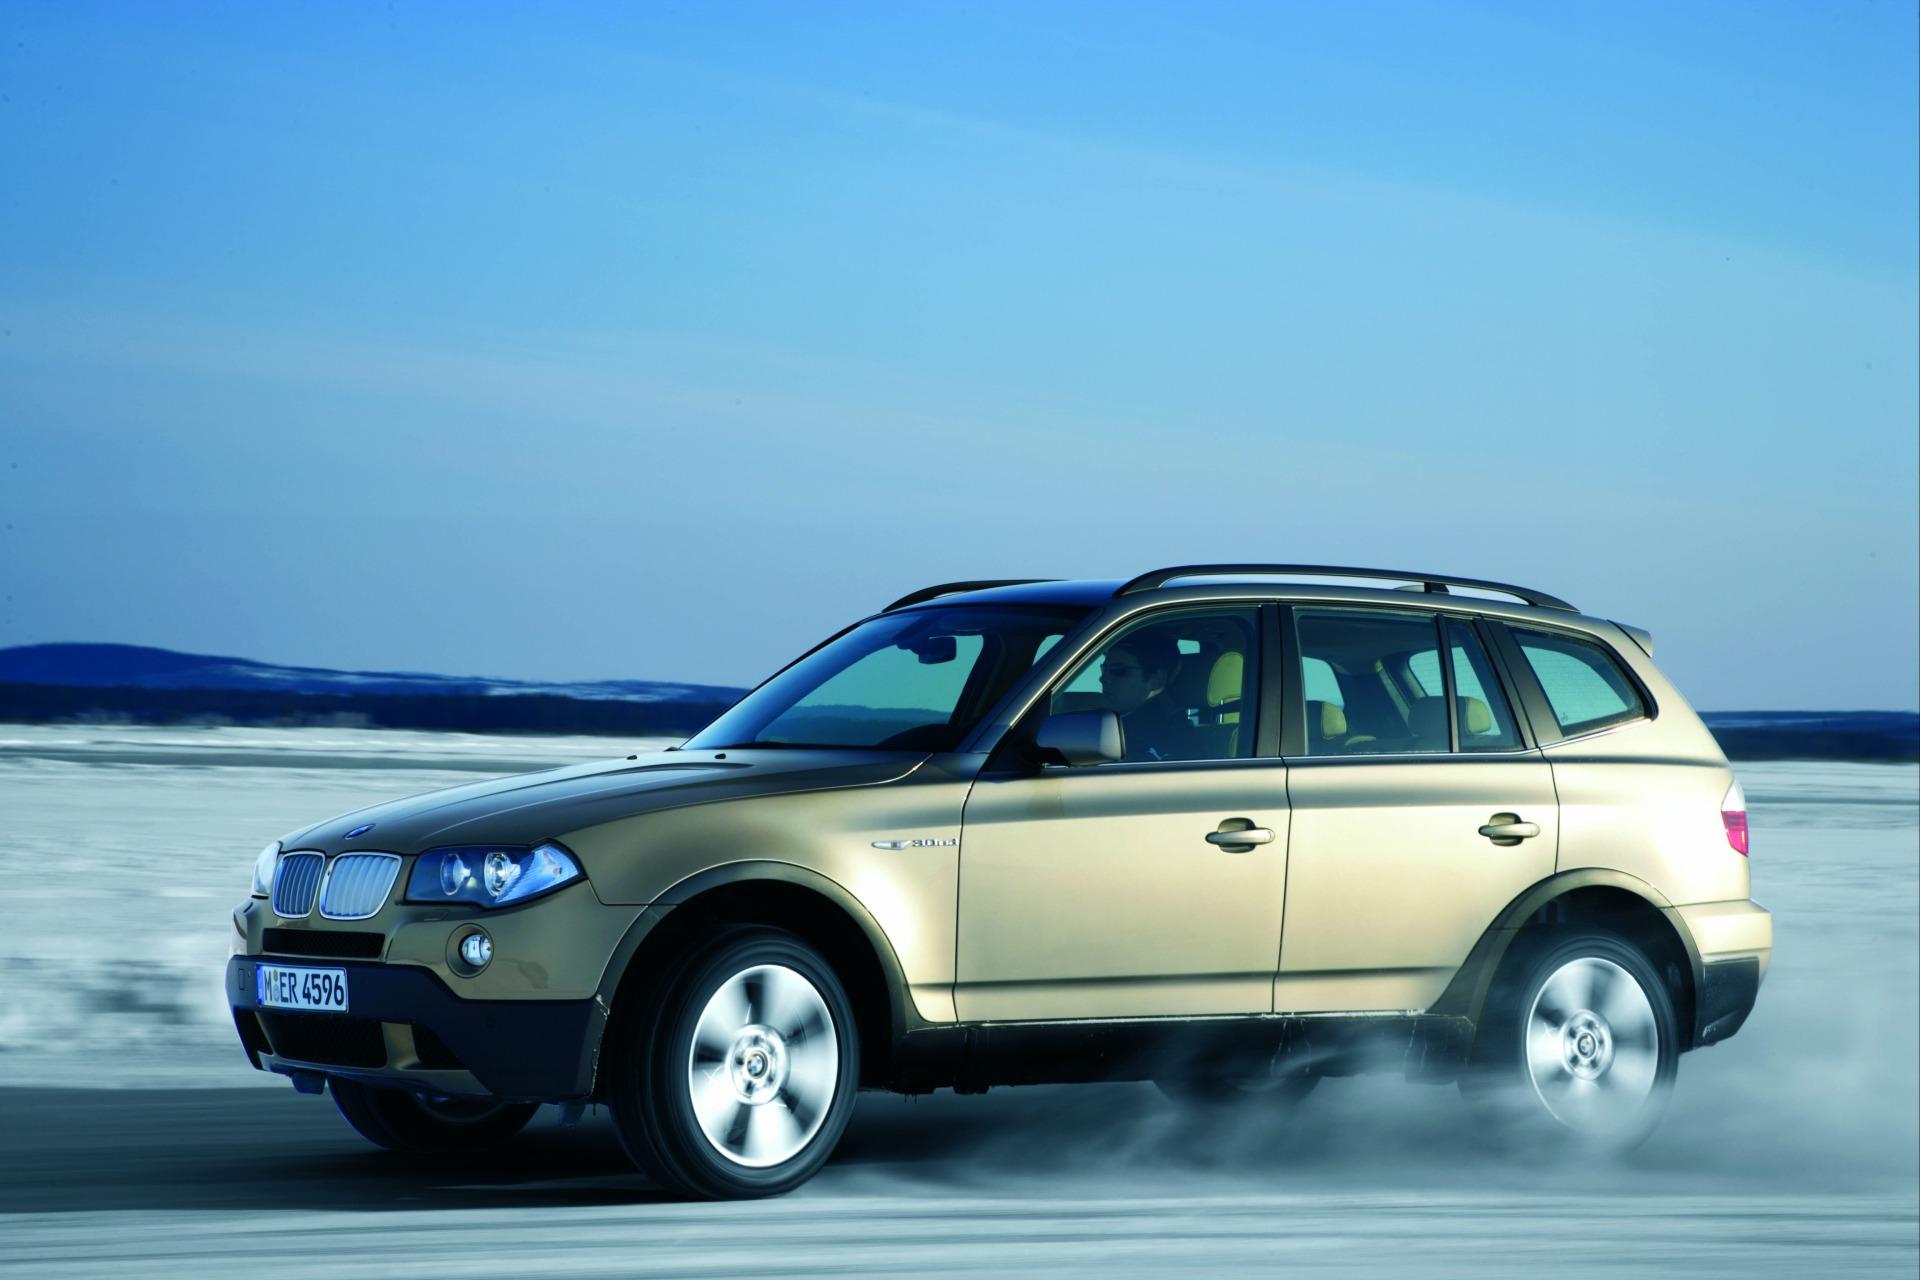 2008 BMW X3 News and Information - conceptcarz.com